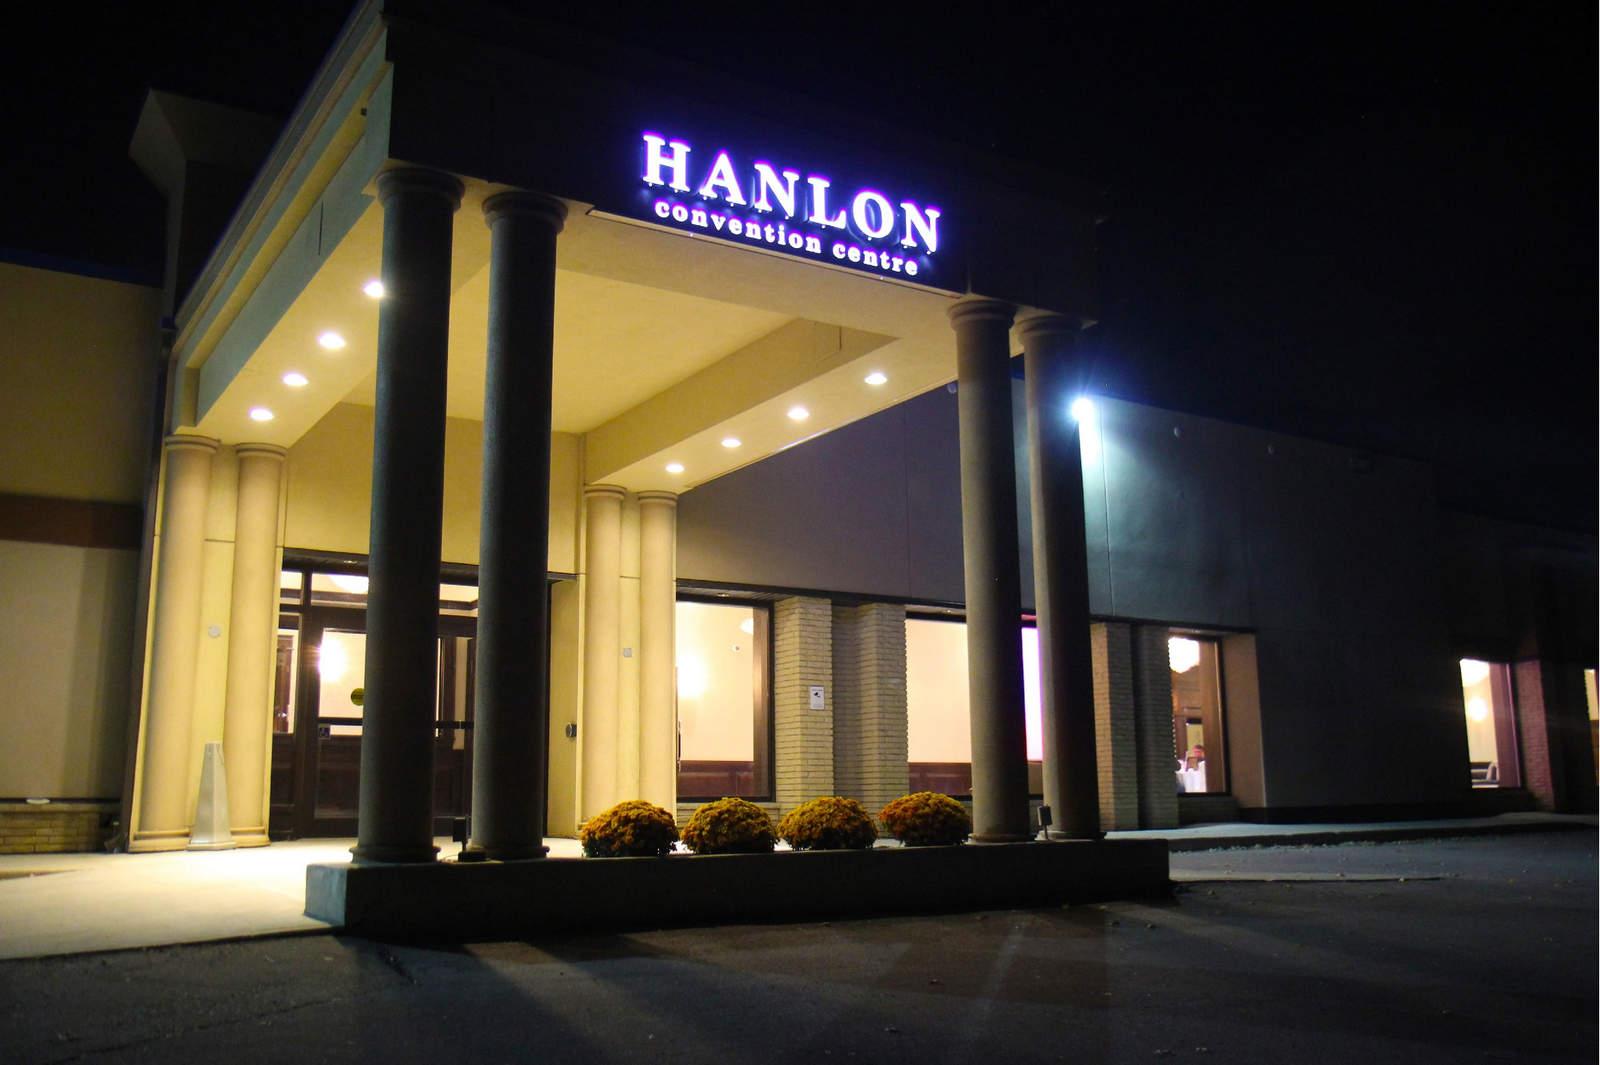 Hanlon Convention Centre | Guelph